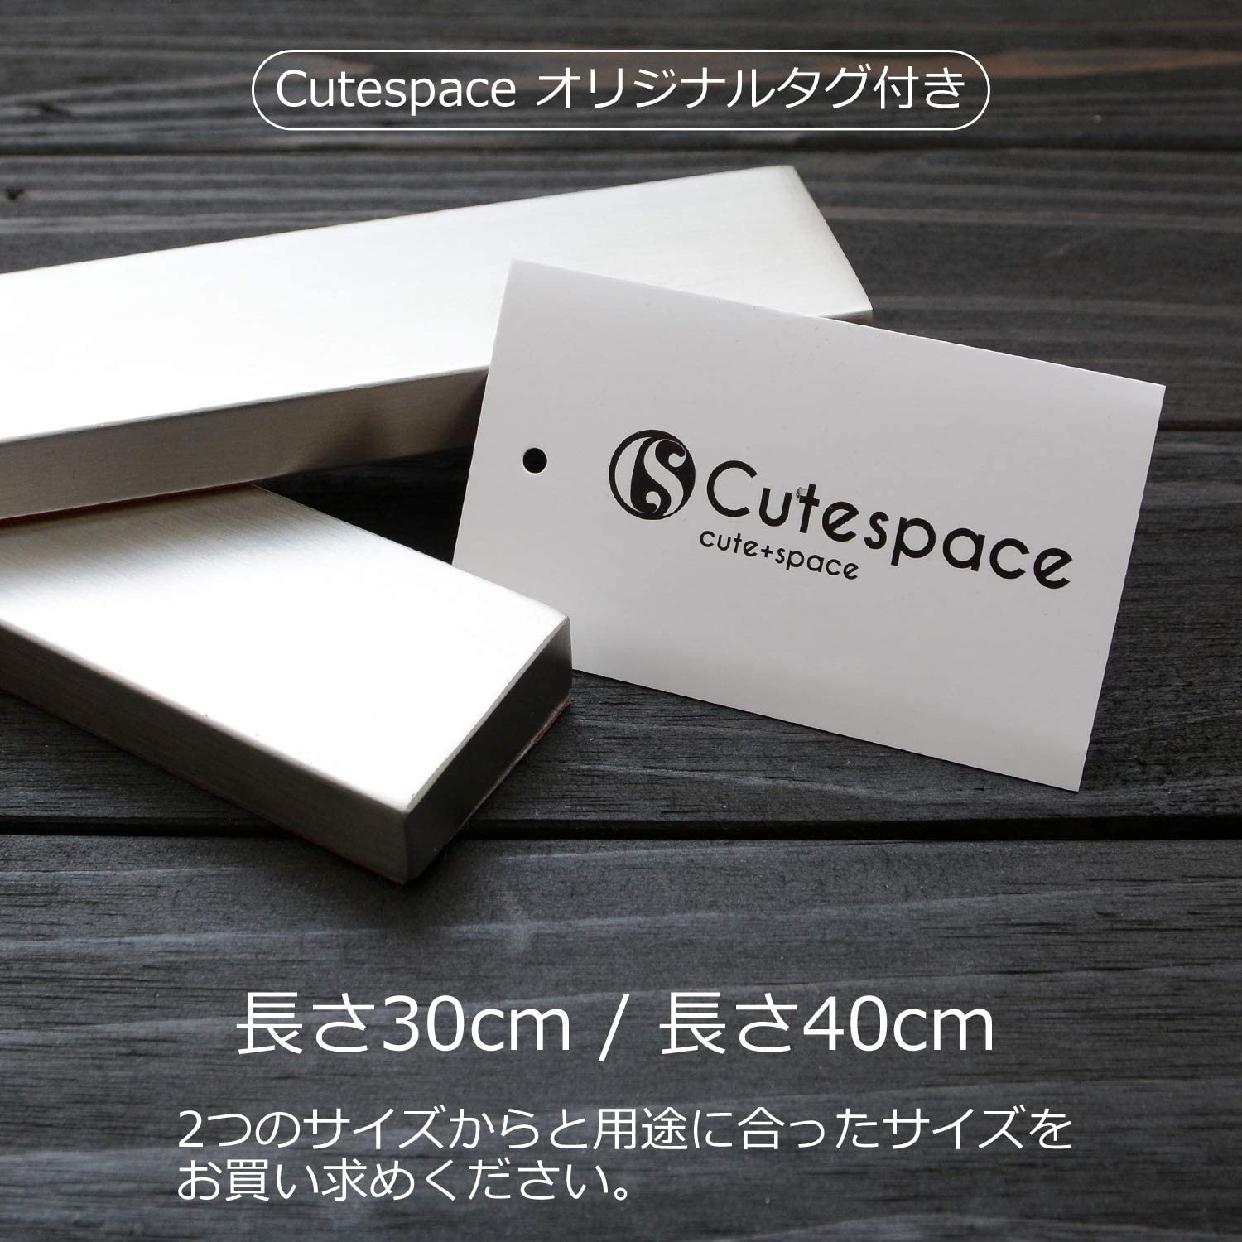 Cutespace 包丁スタンド シルバーの商品画像7